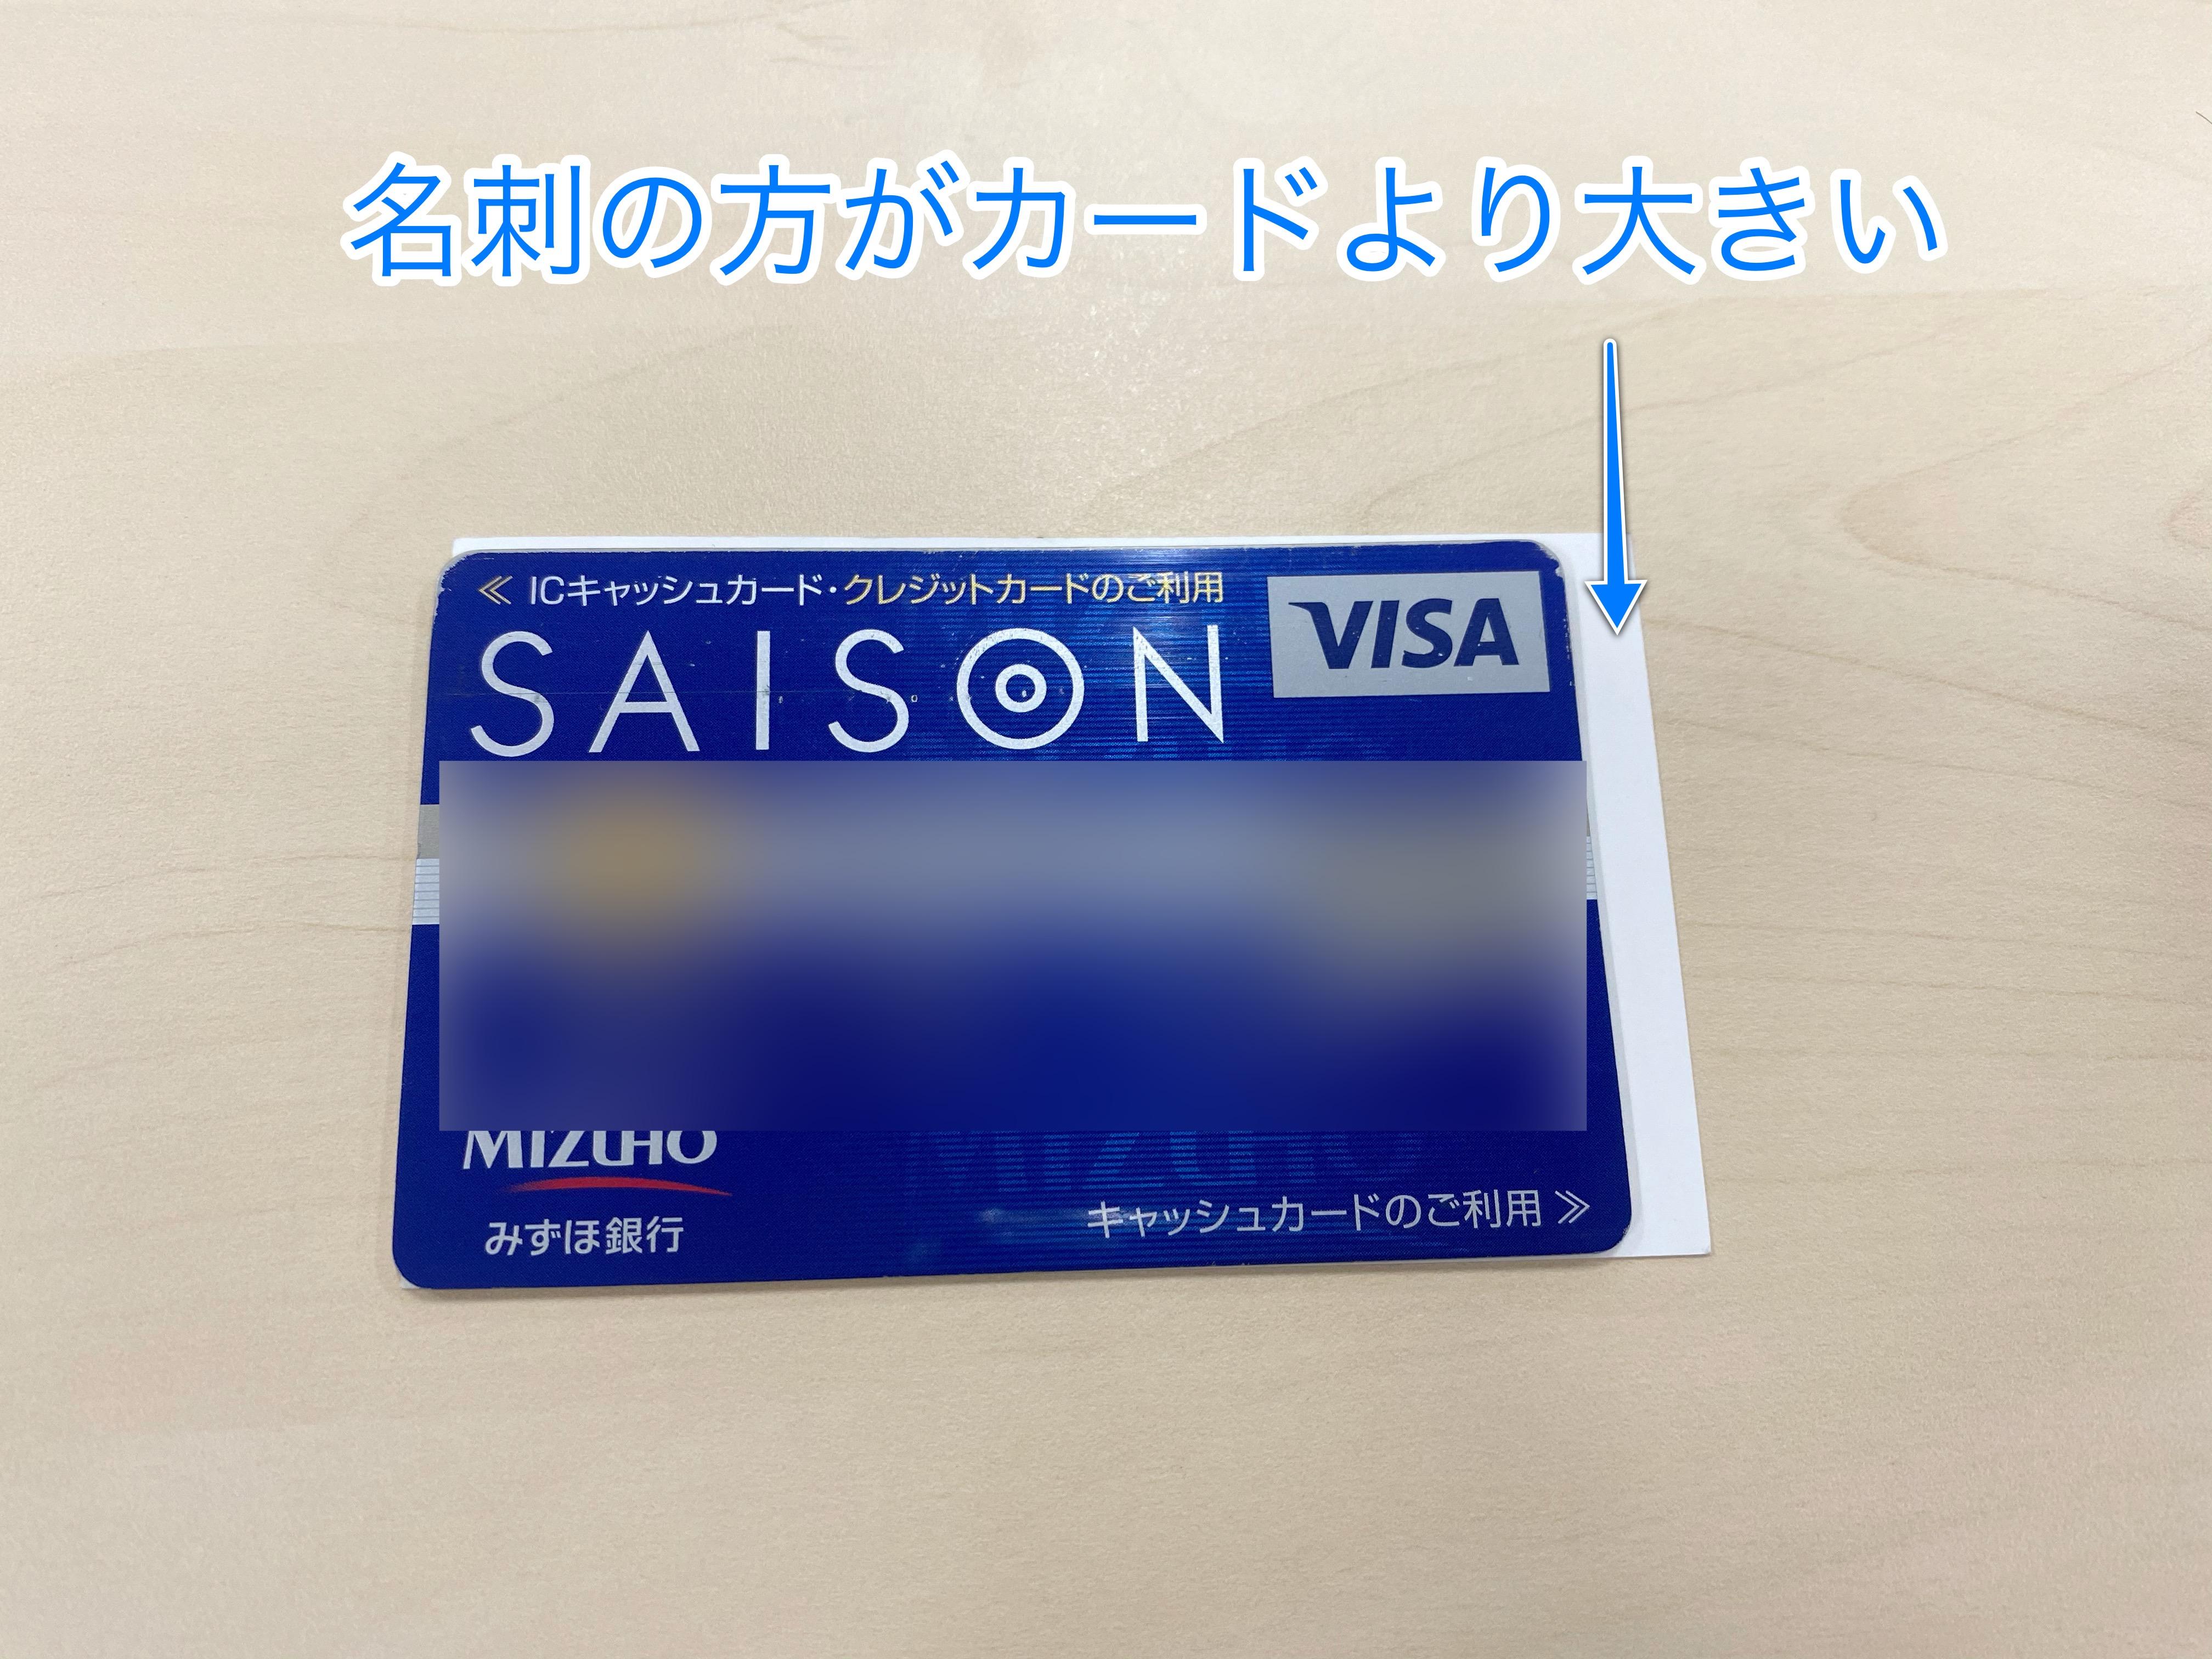 名刺はカードより大きい